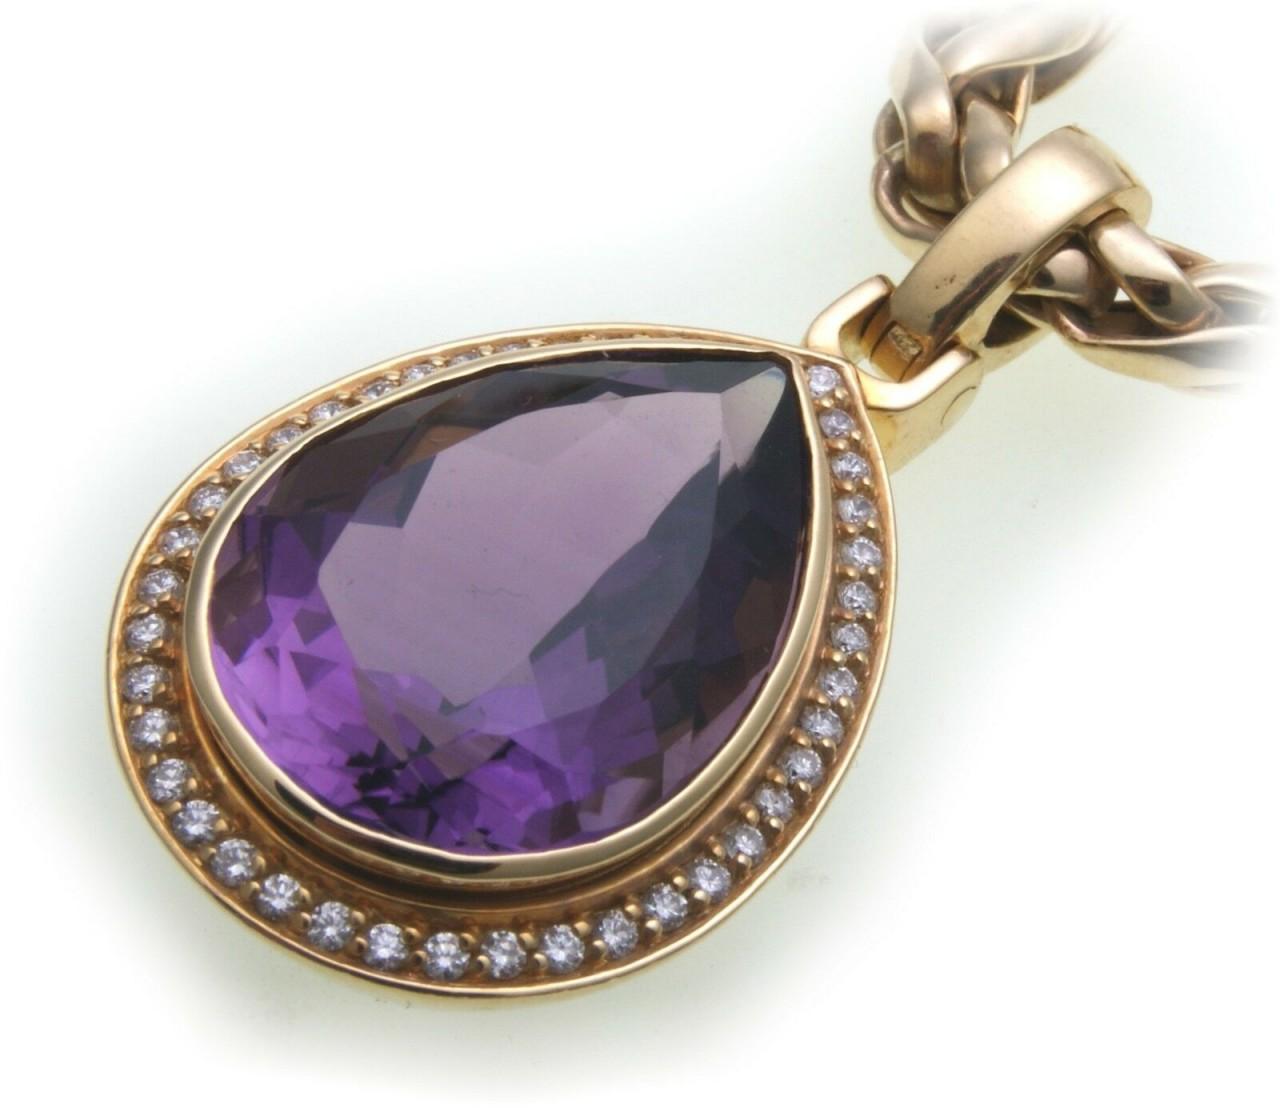 Anhänger Amethyst echt Gold 750 Brillant 0,42 ct 18kt Diamant massiv Gelbgold